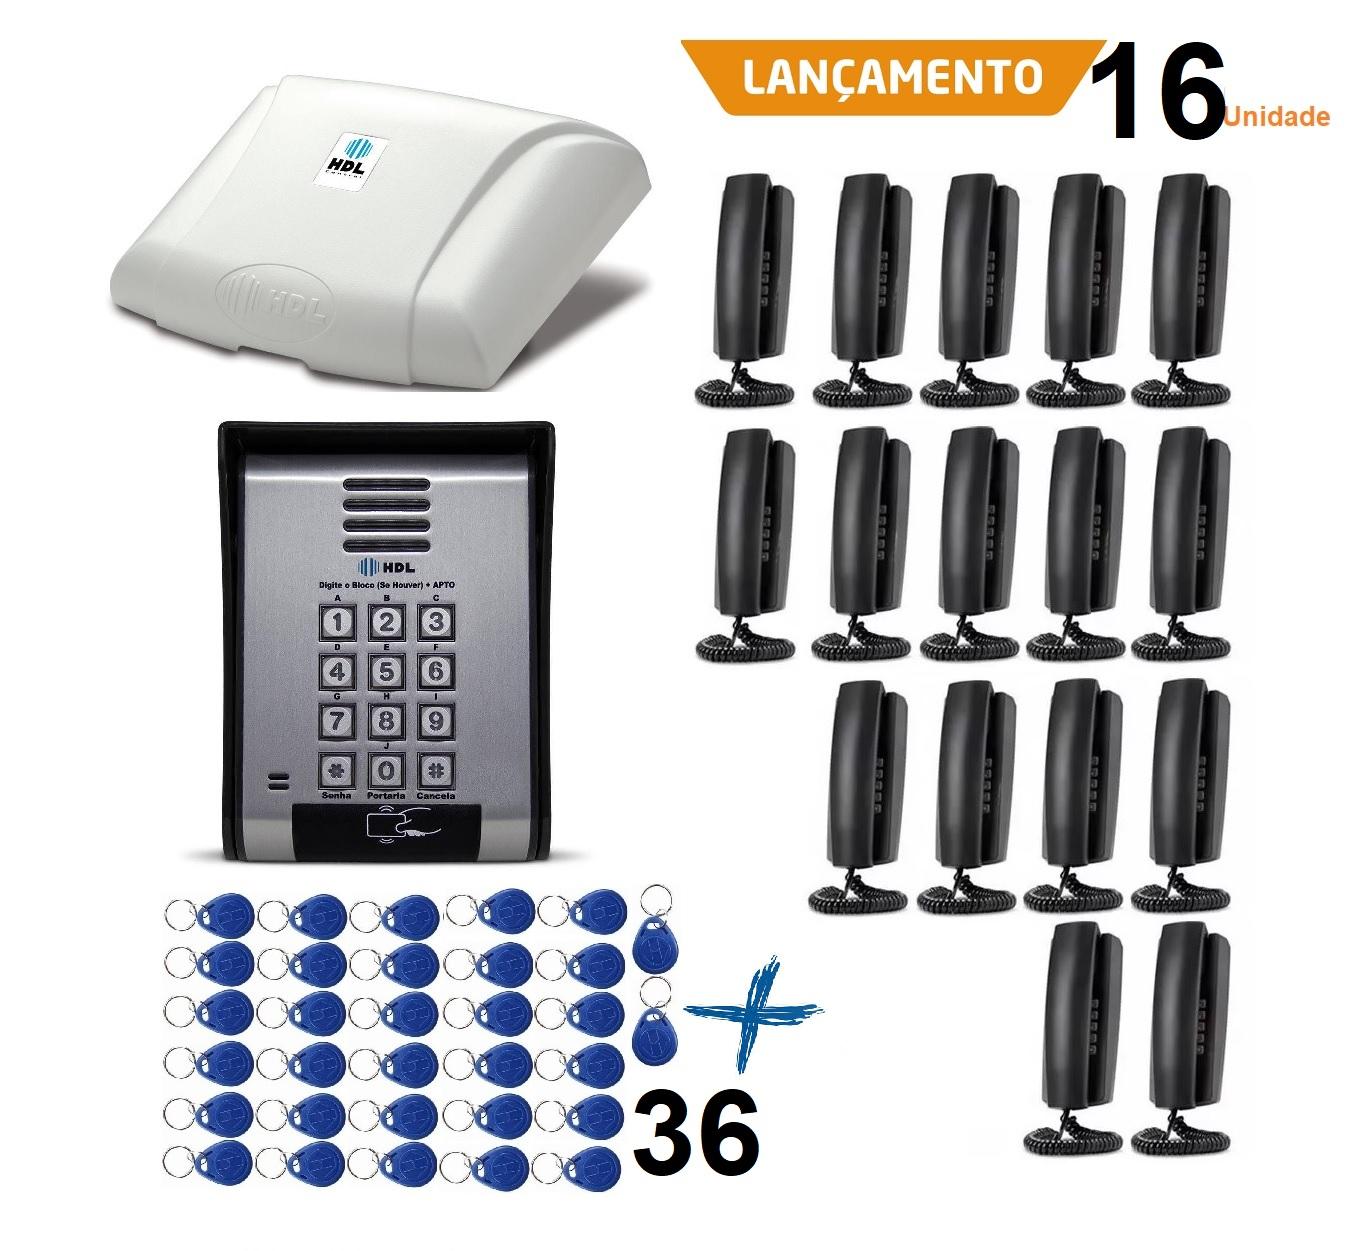 Porteiro Eletrônico Hdl Coletivo 16 Pontos Leitor Cartão Tag